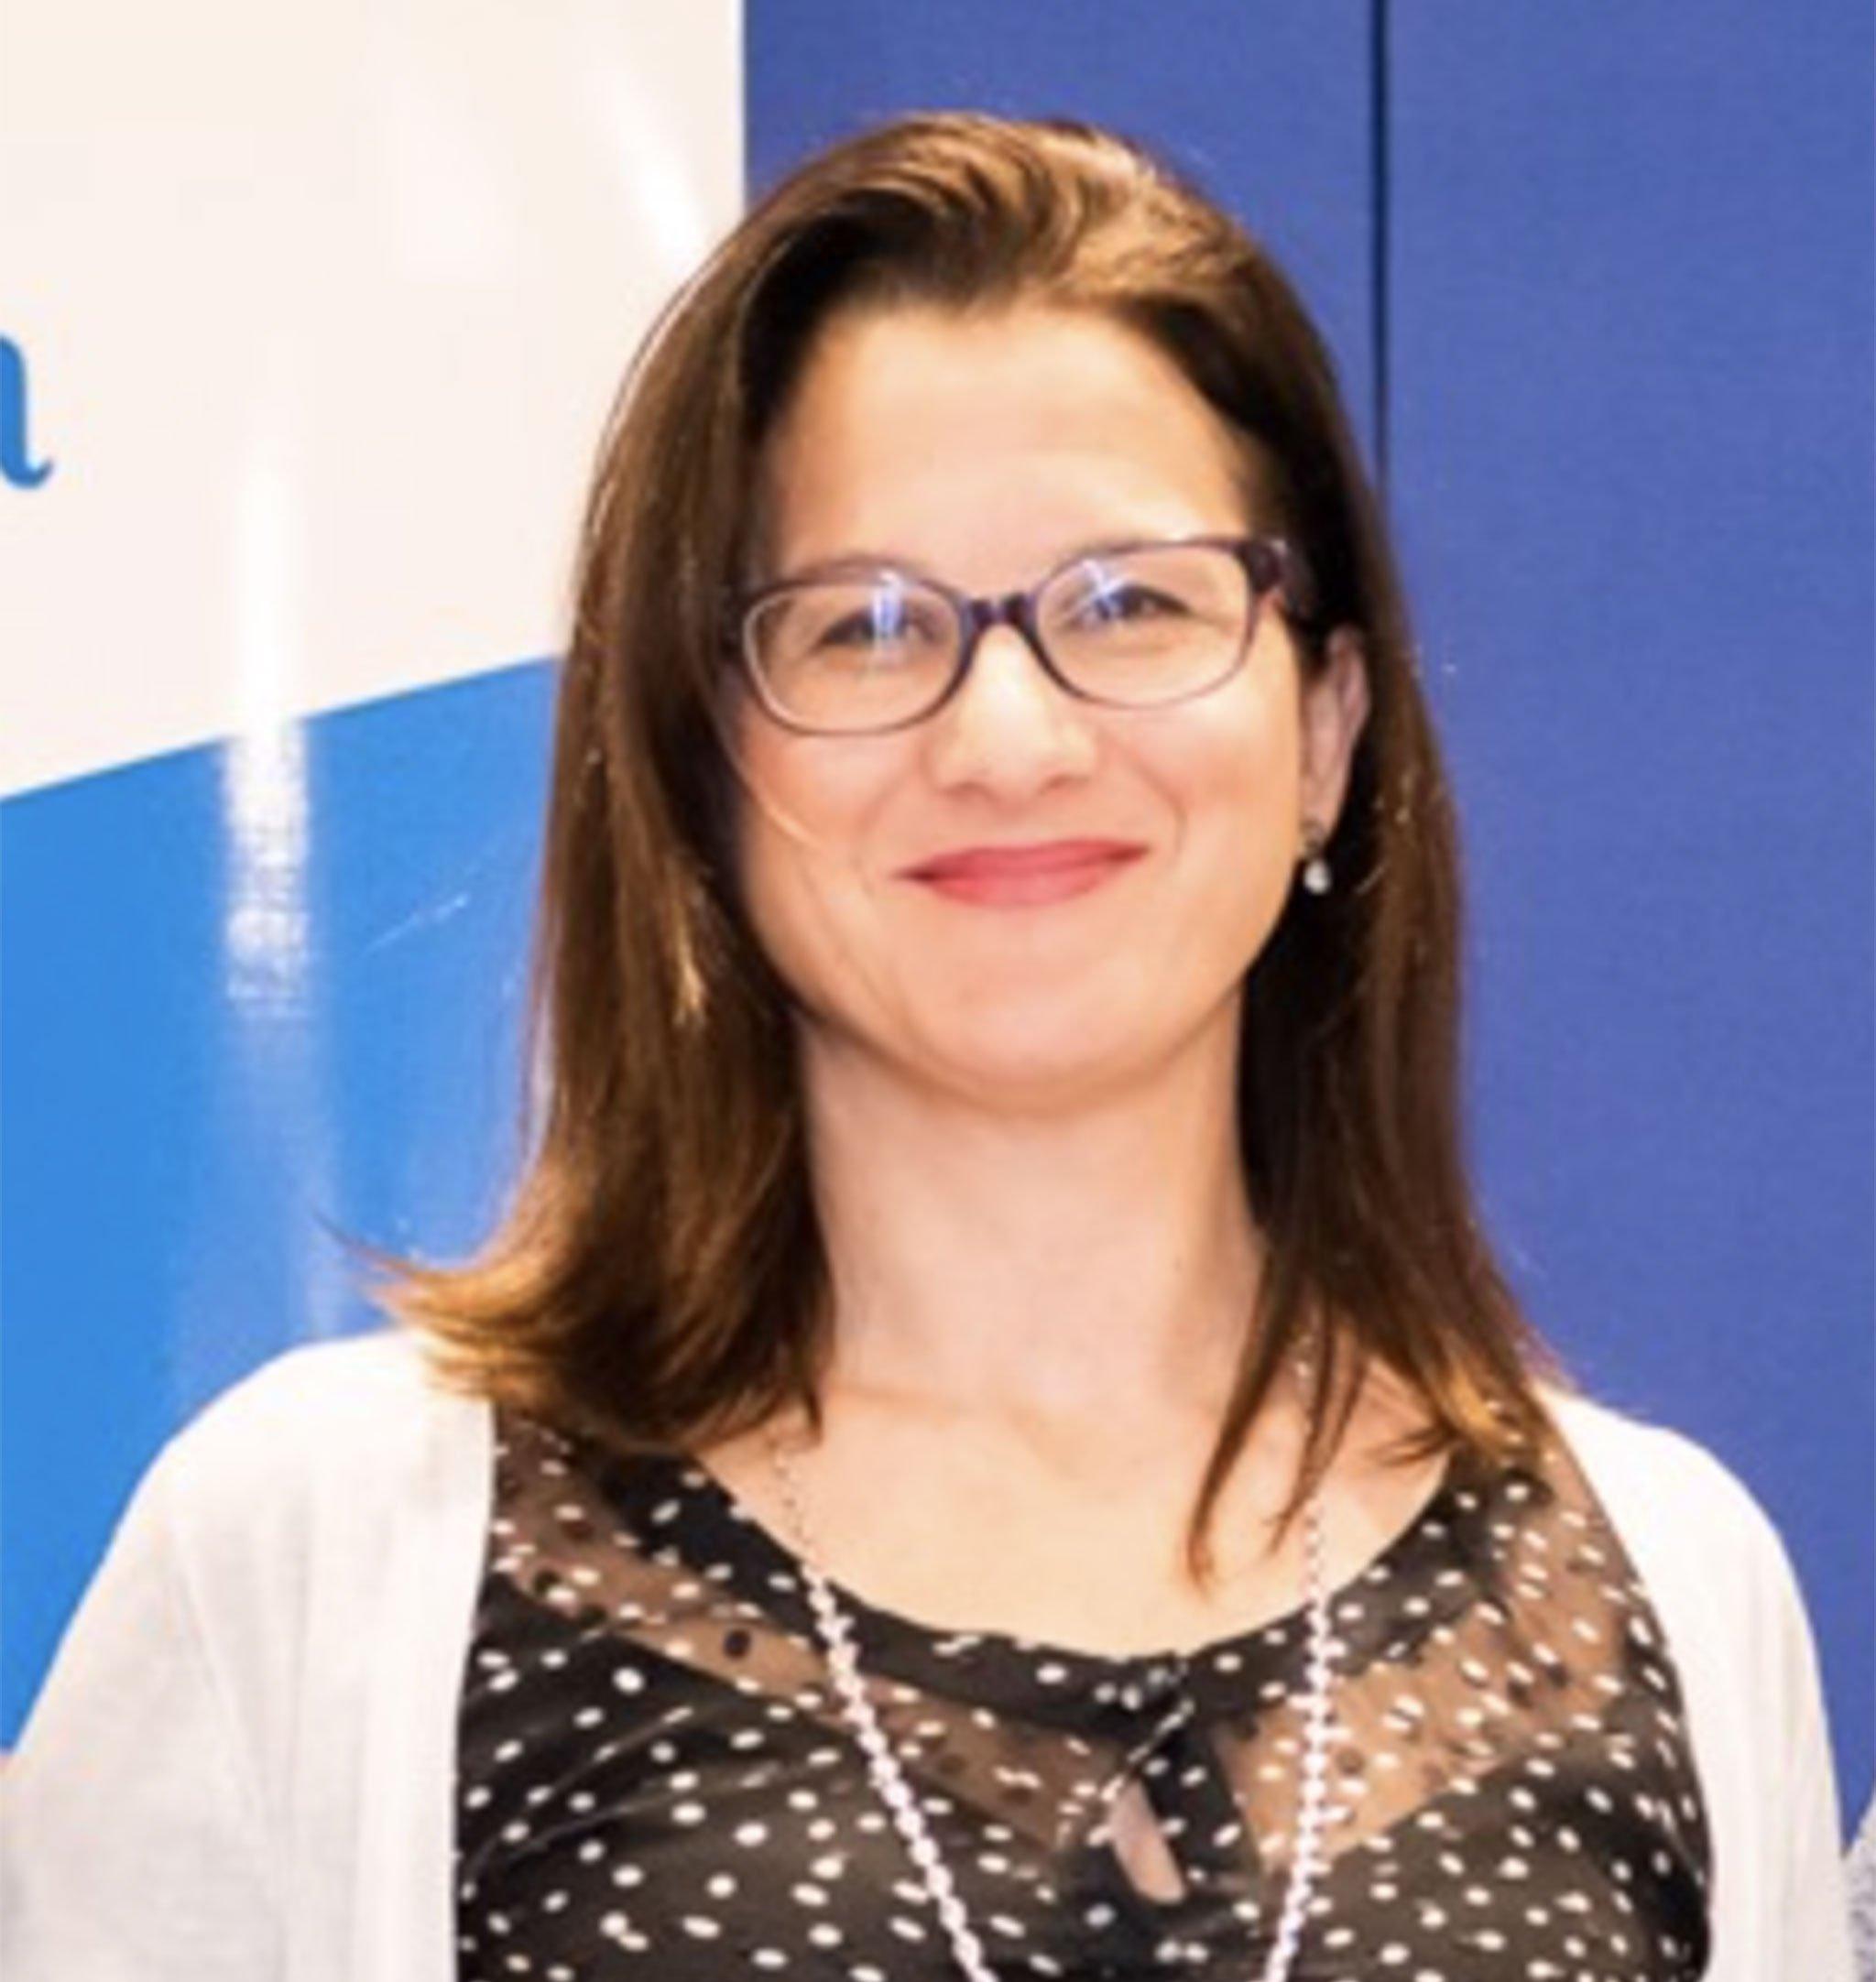 Verónica Deambrogio, directora de la Escuela de Jóvenes Emprendedores Marina Alta, en una imagen reciente